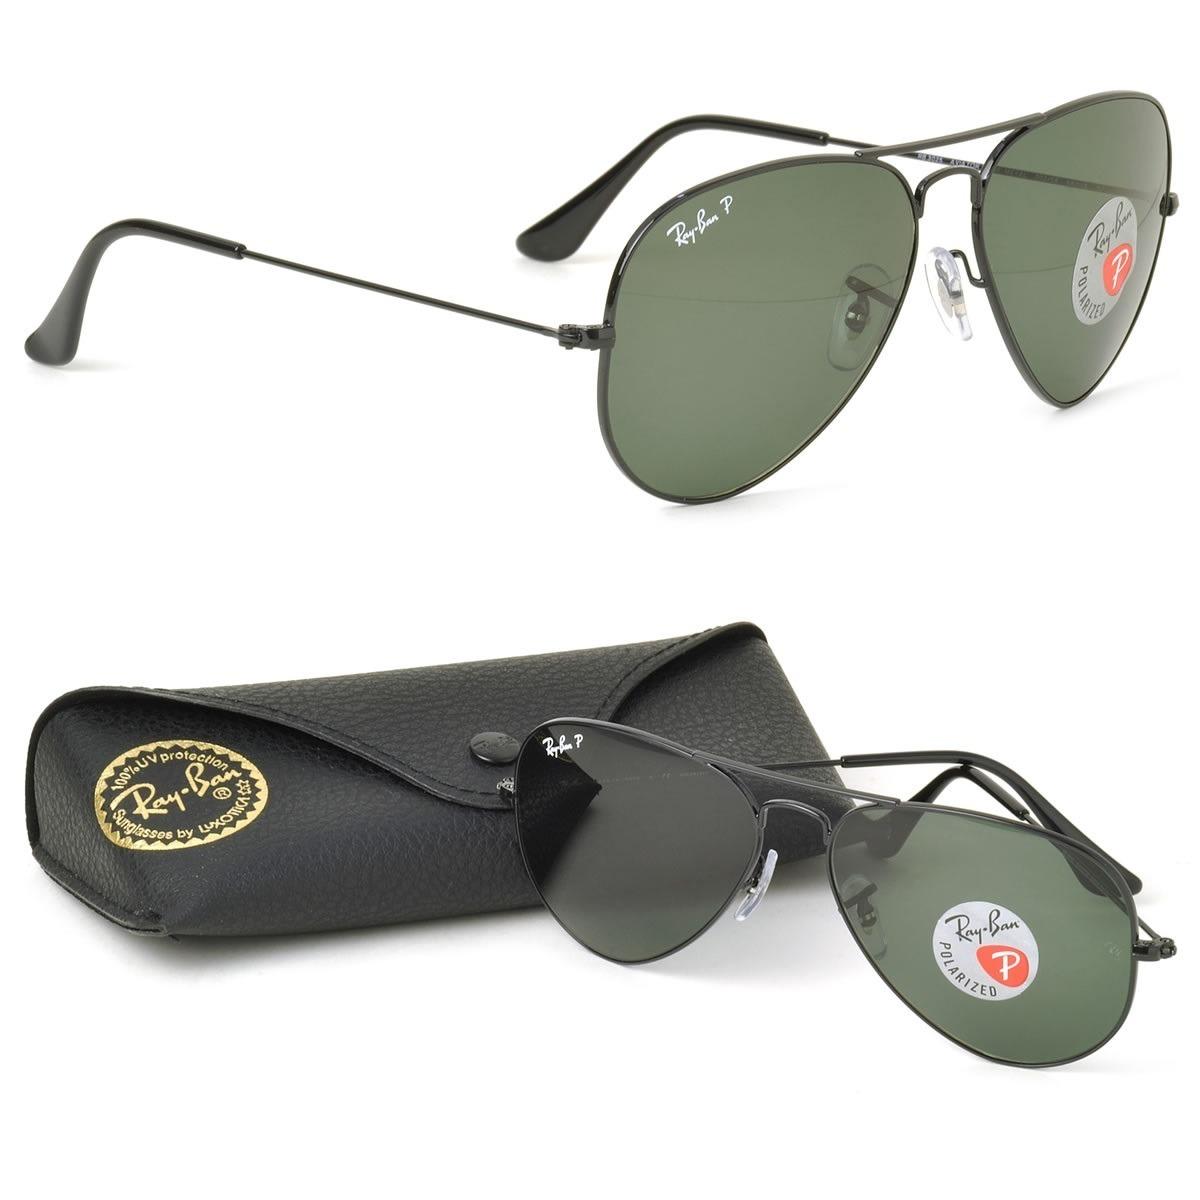 oculos de sol ray ban polarizado masculino - feminino+brind. Carregando  zoom. f4006be31c